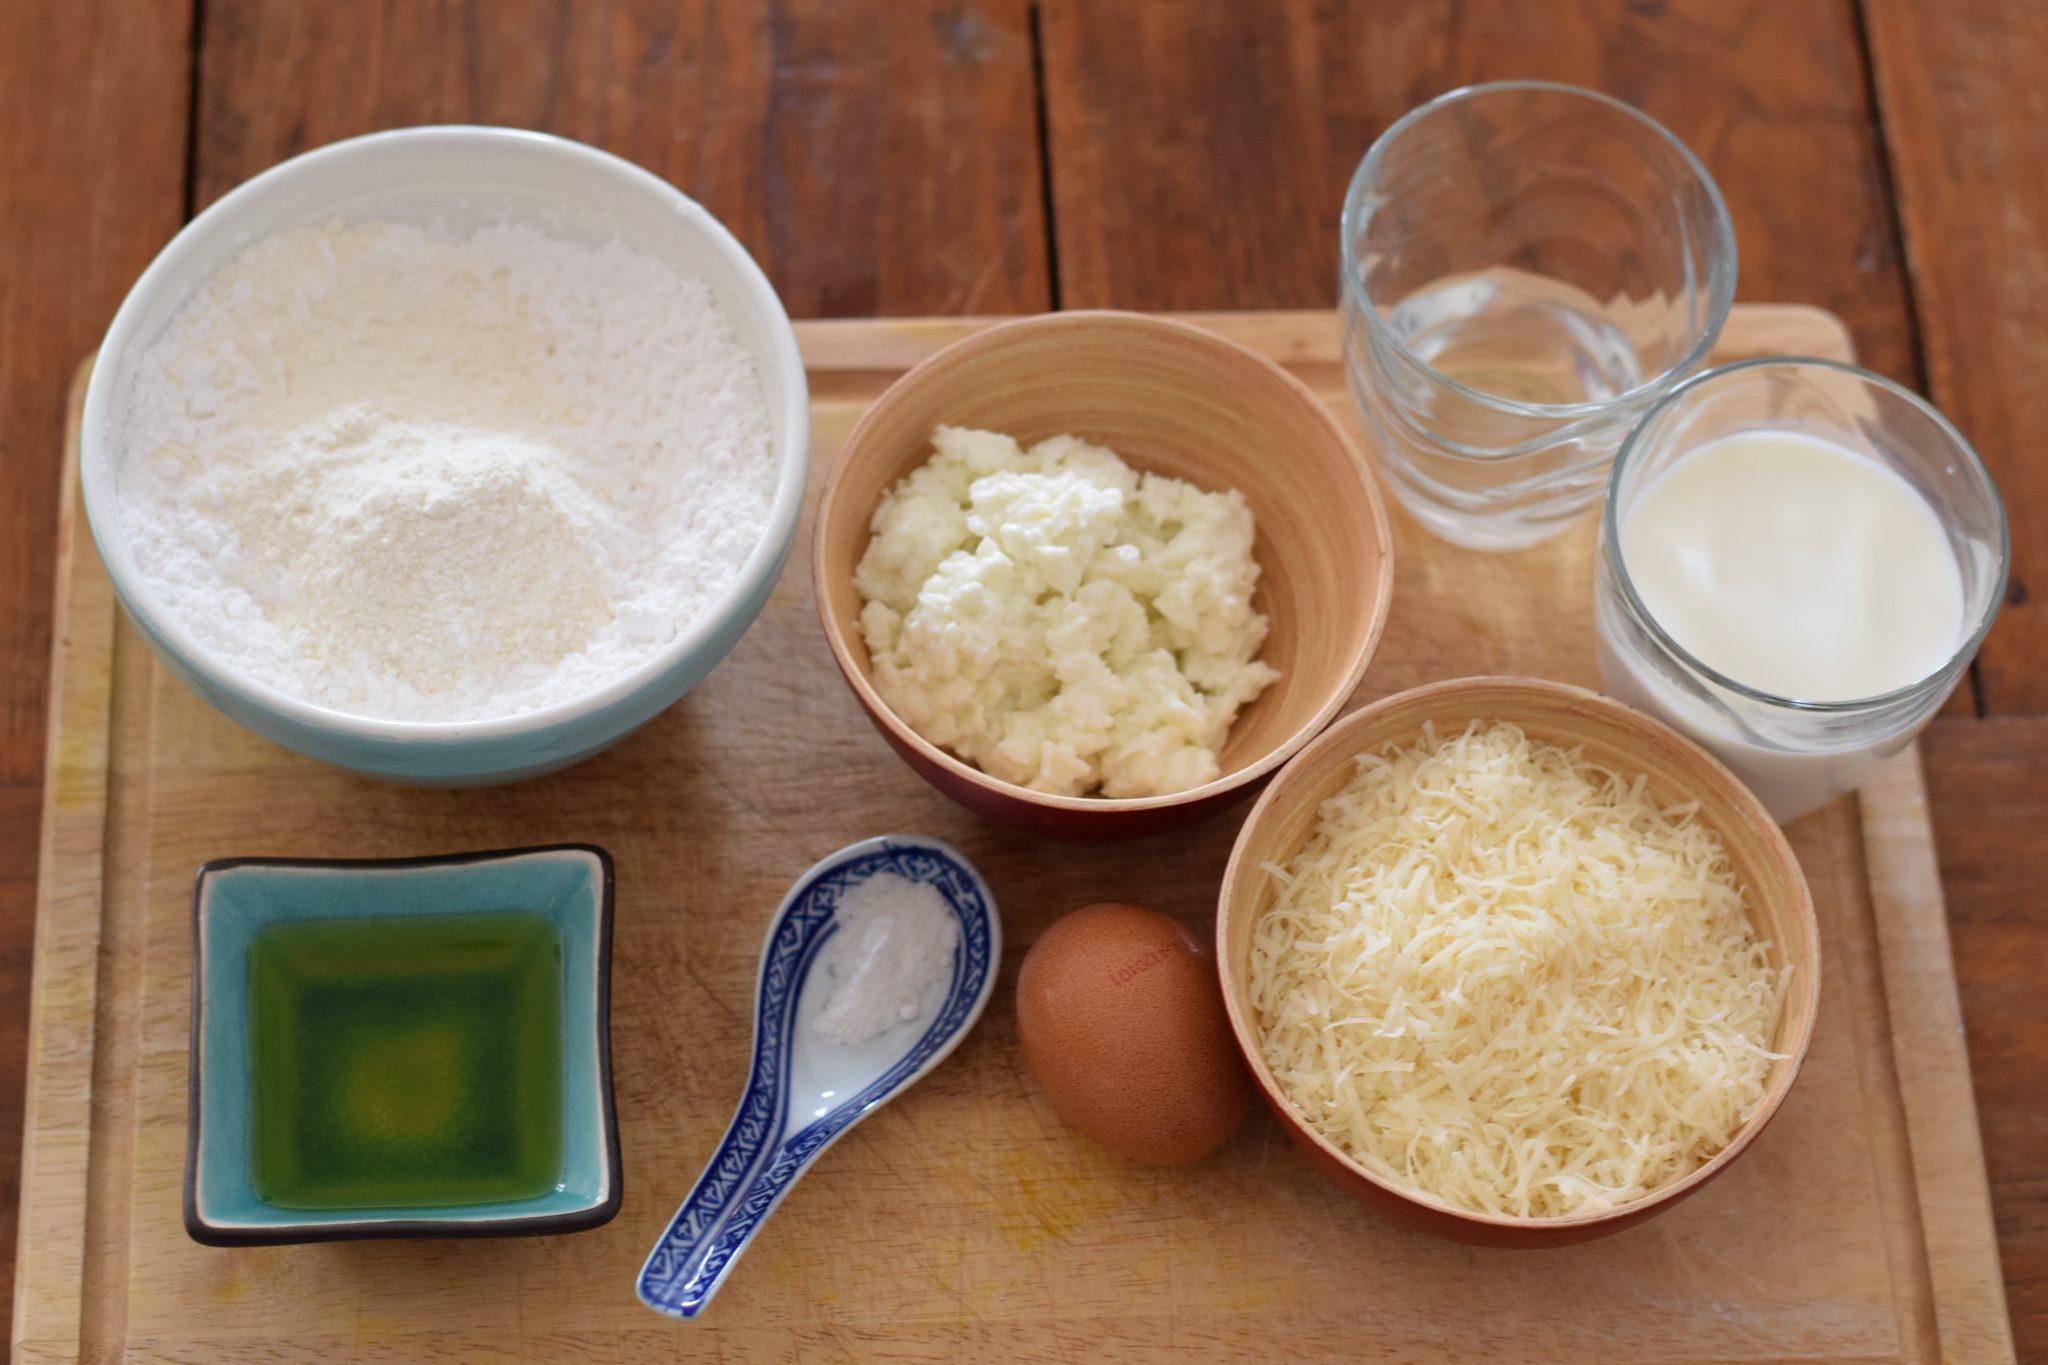 Recept voor Brazilië - Pão de queijo (Braziliaanse kaasbroodjes)